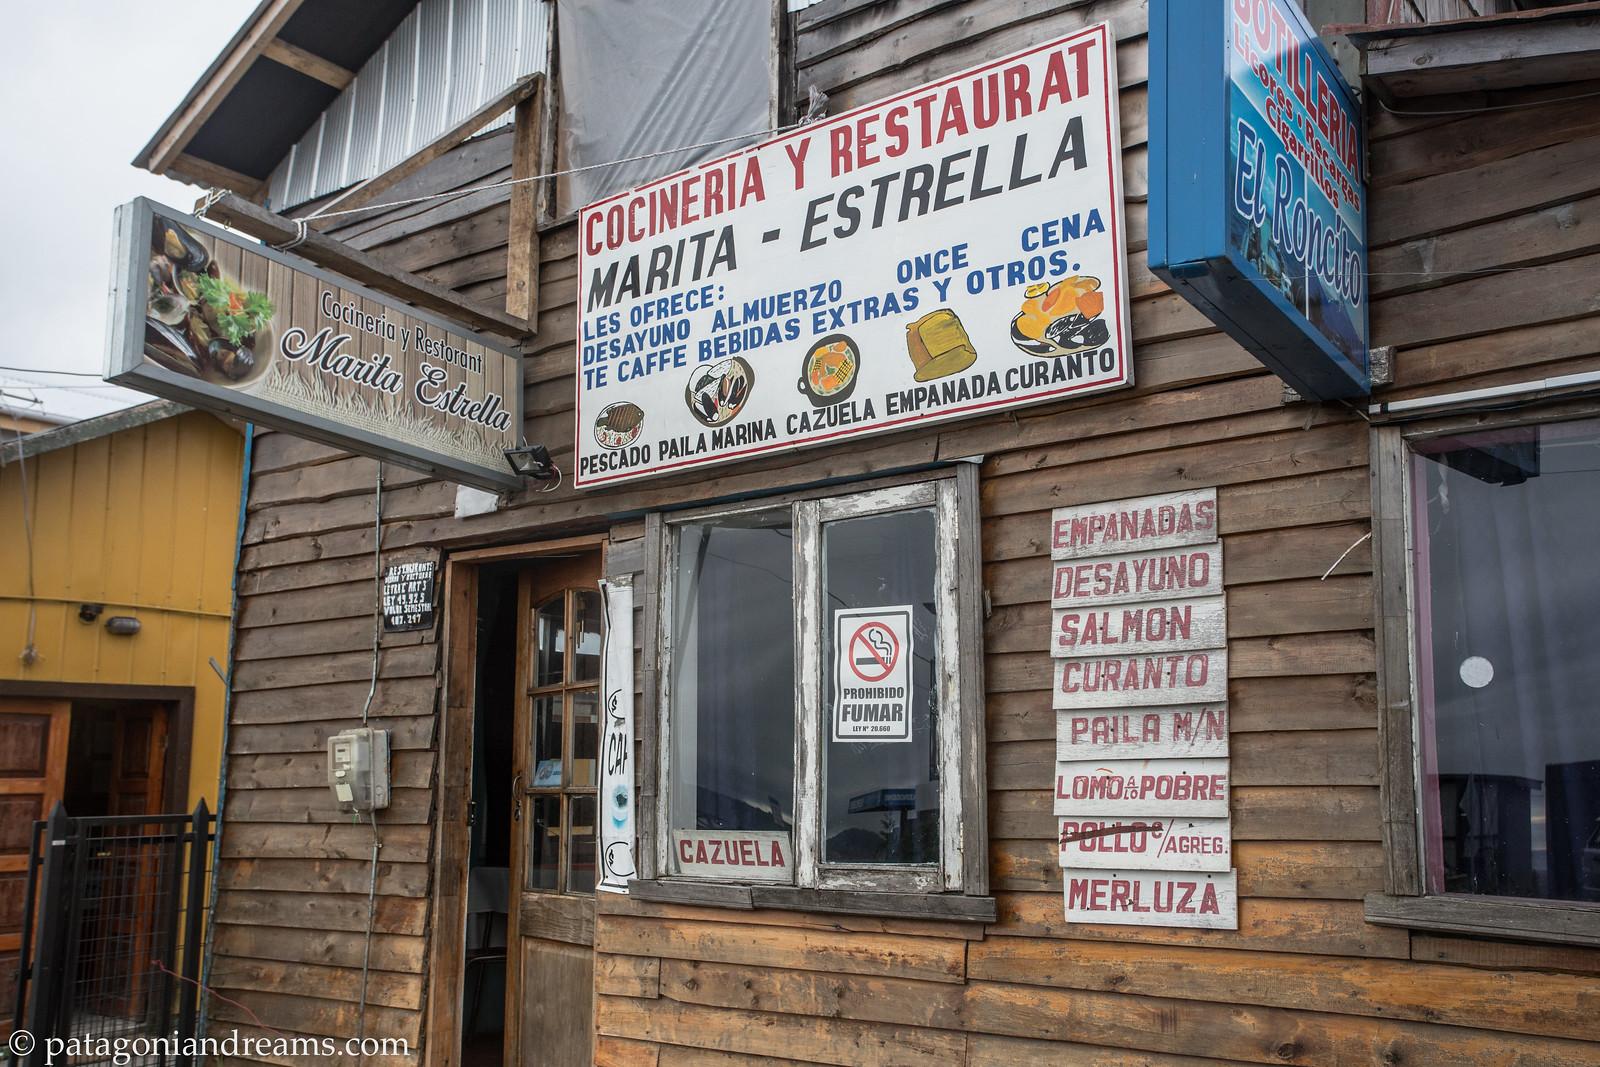 Tomamos curanto en Marita Estrella. Chaitén. Region de los Lagos. Patagonia. Chile.